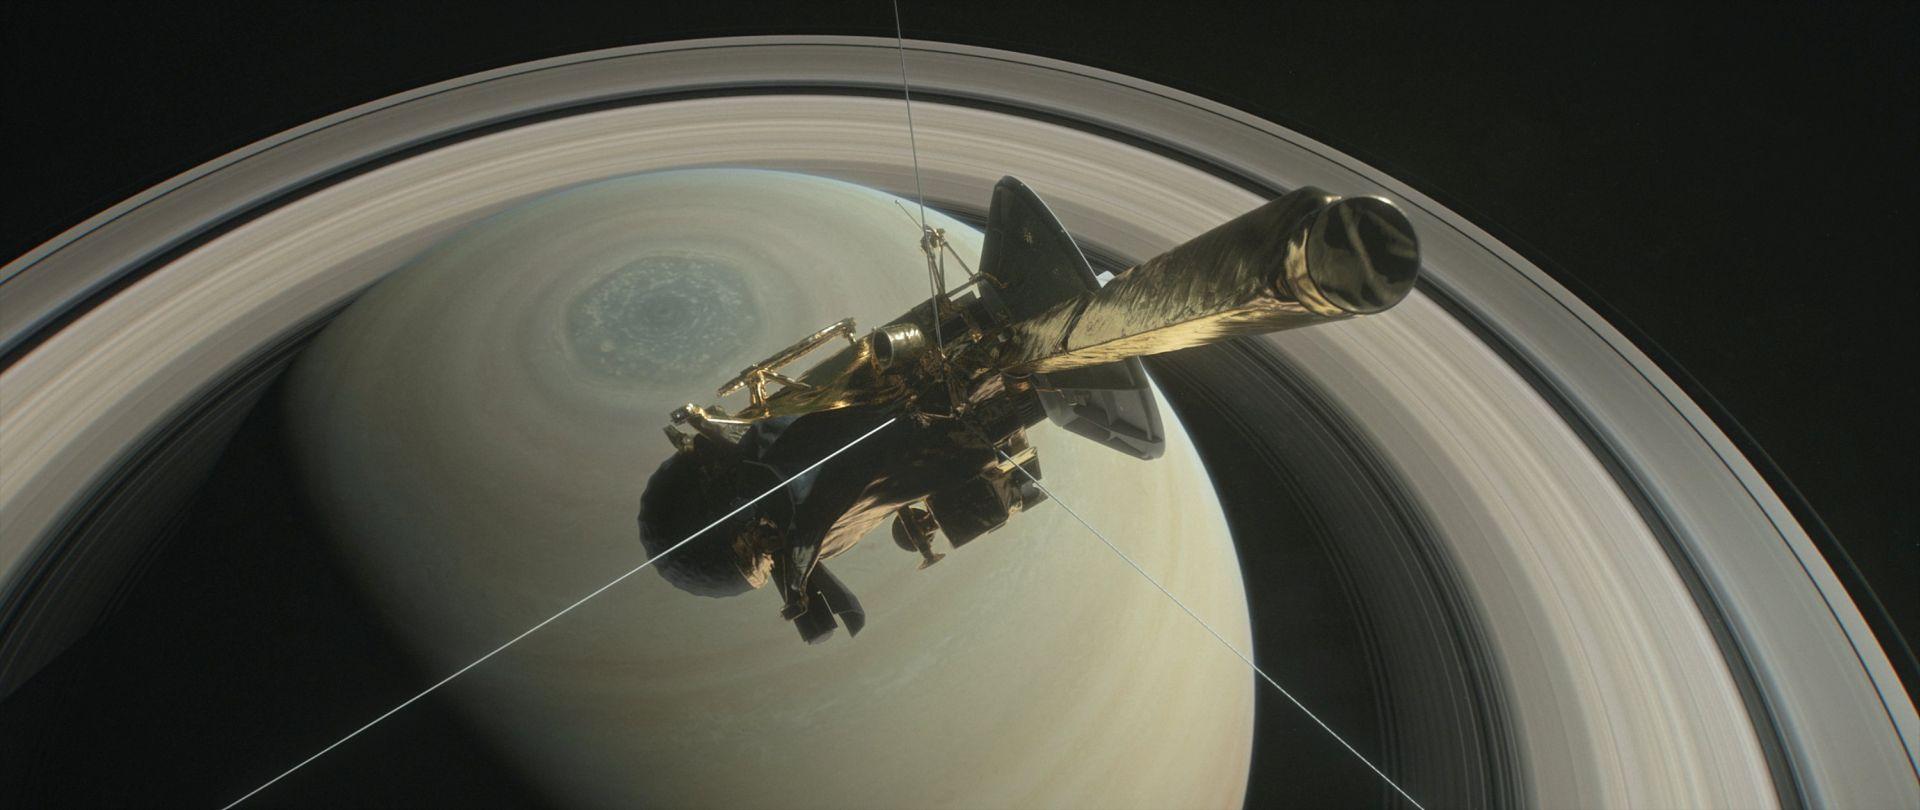 Prostor između Saturna i prstenova iznenađujuće bez prašine